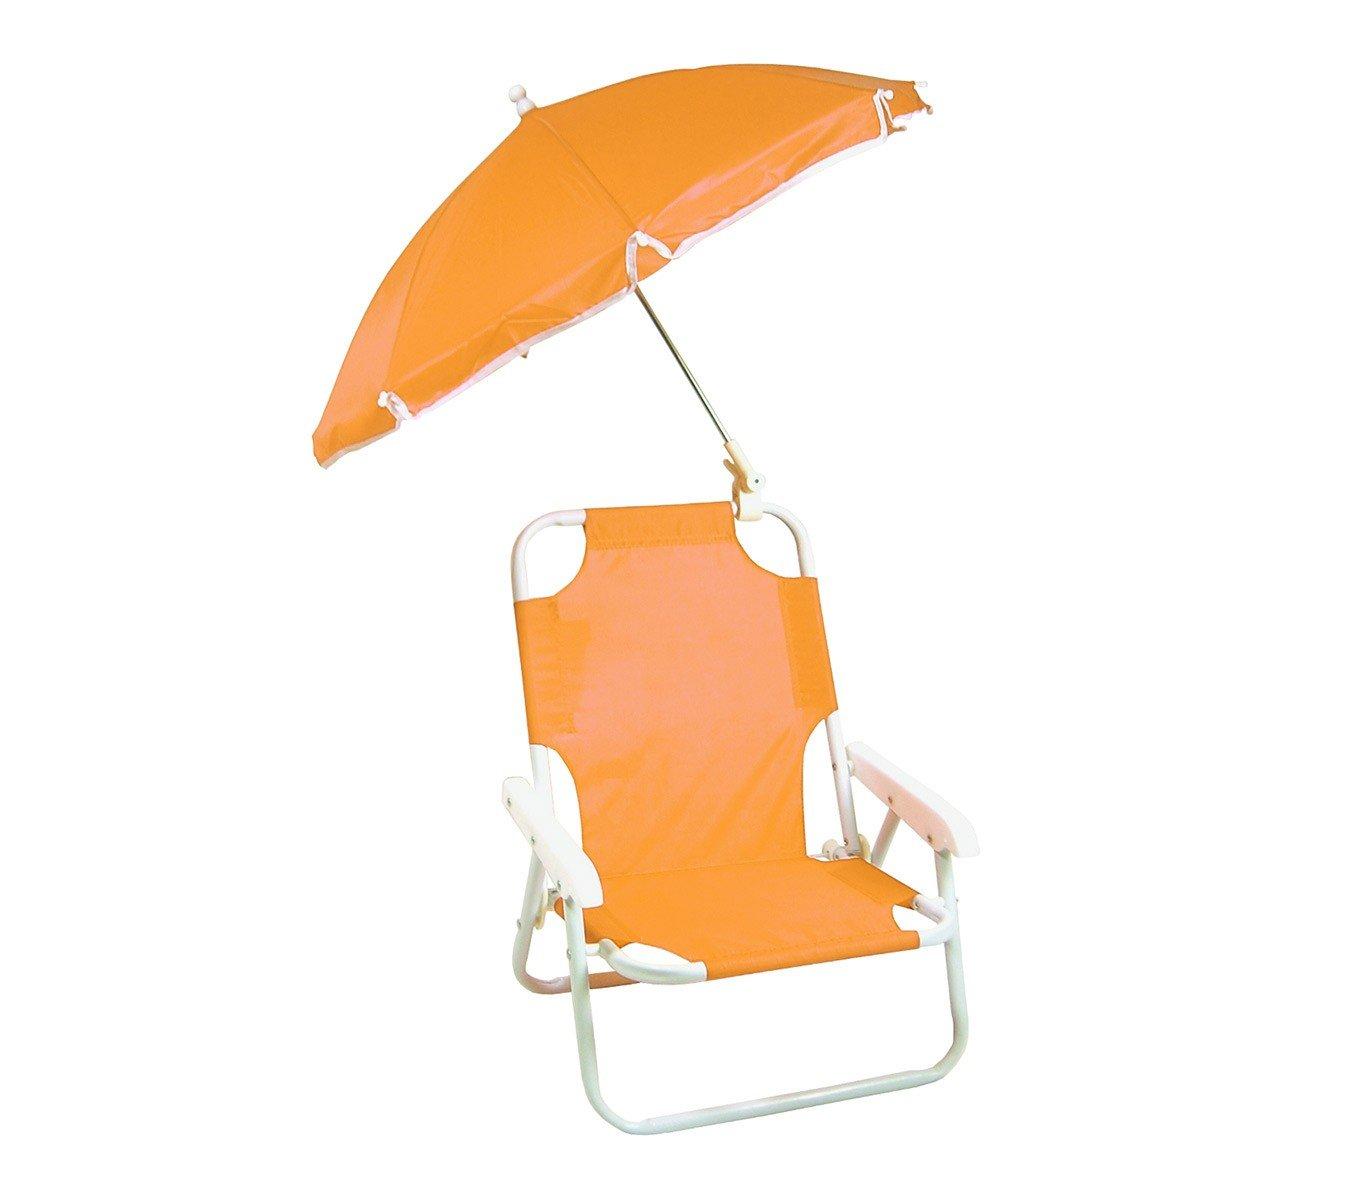 MEDIAWAVE Store 2576 Sedia pieghevole per bambini con ombrellino protezione raggi uv (Arancio)